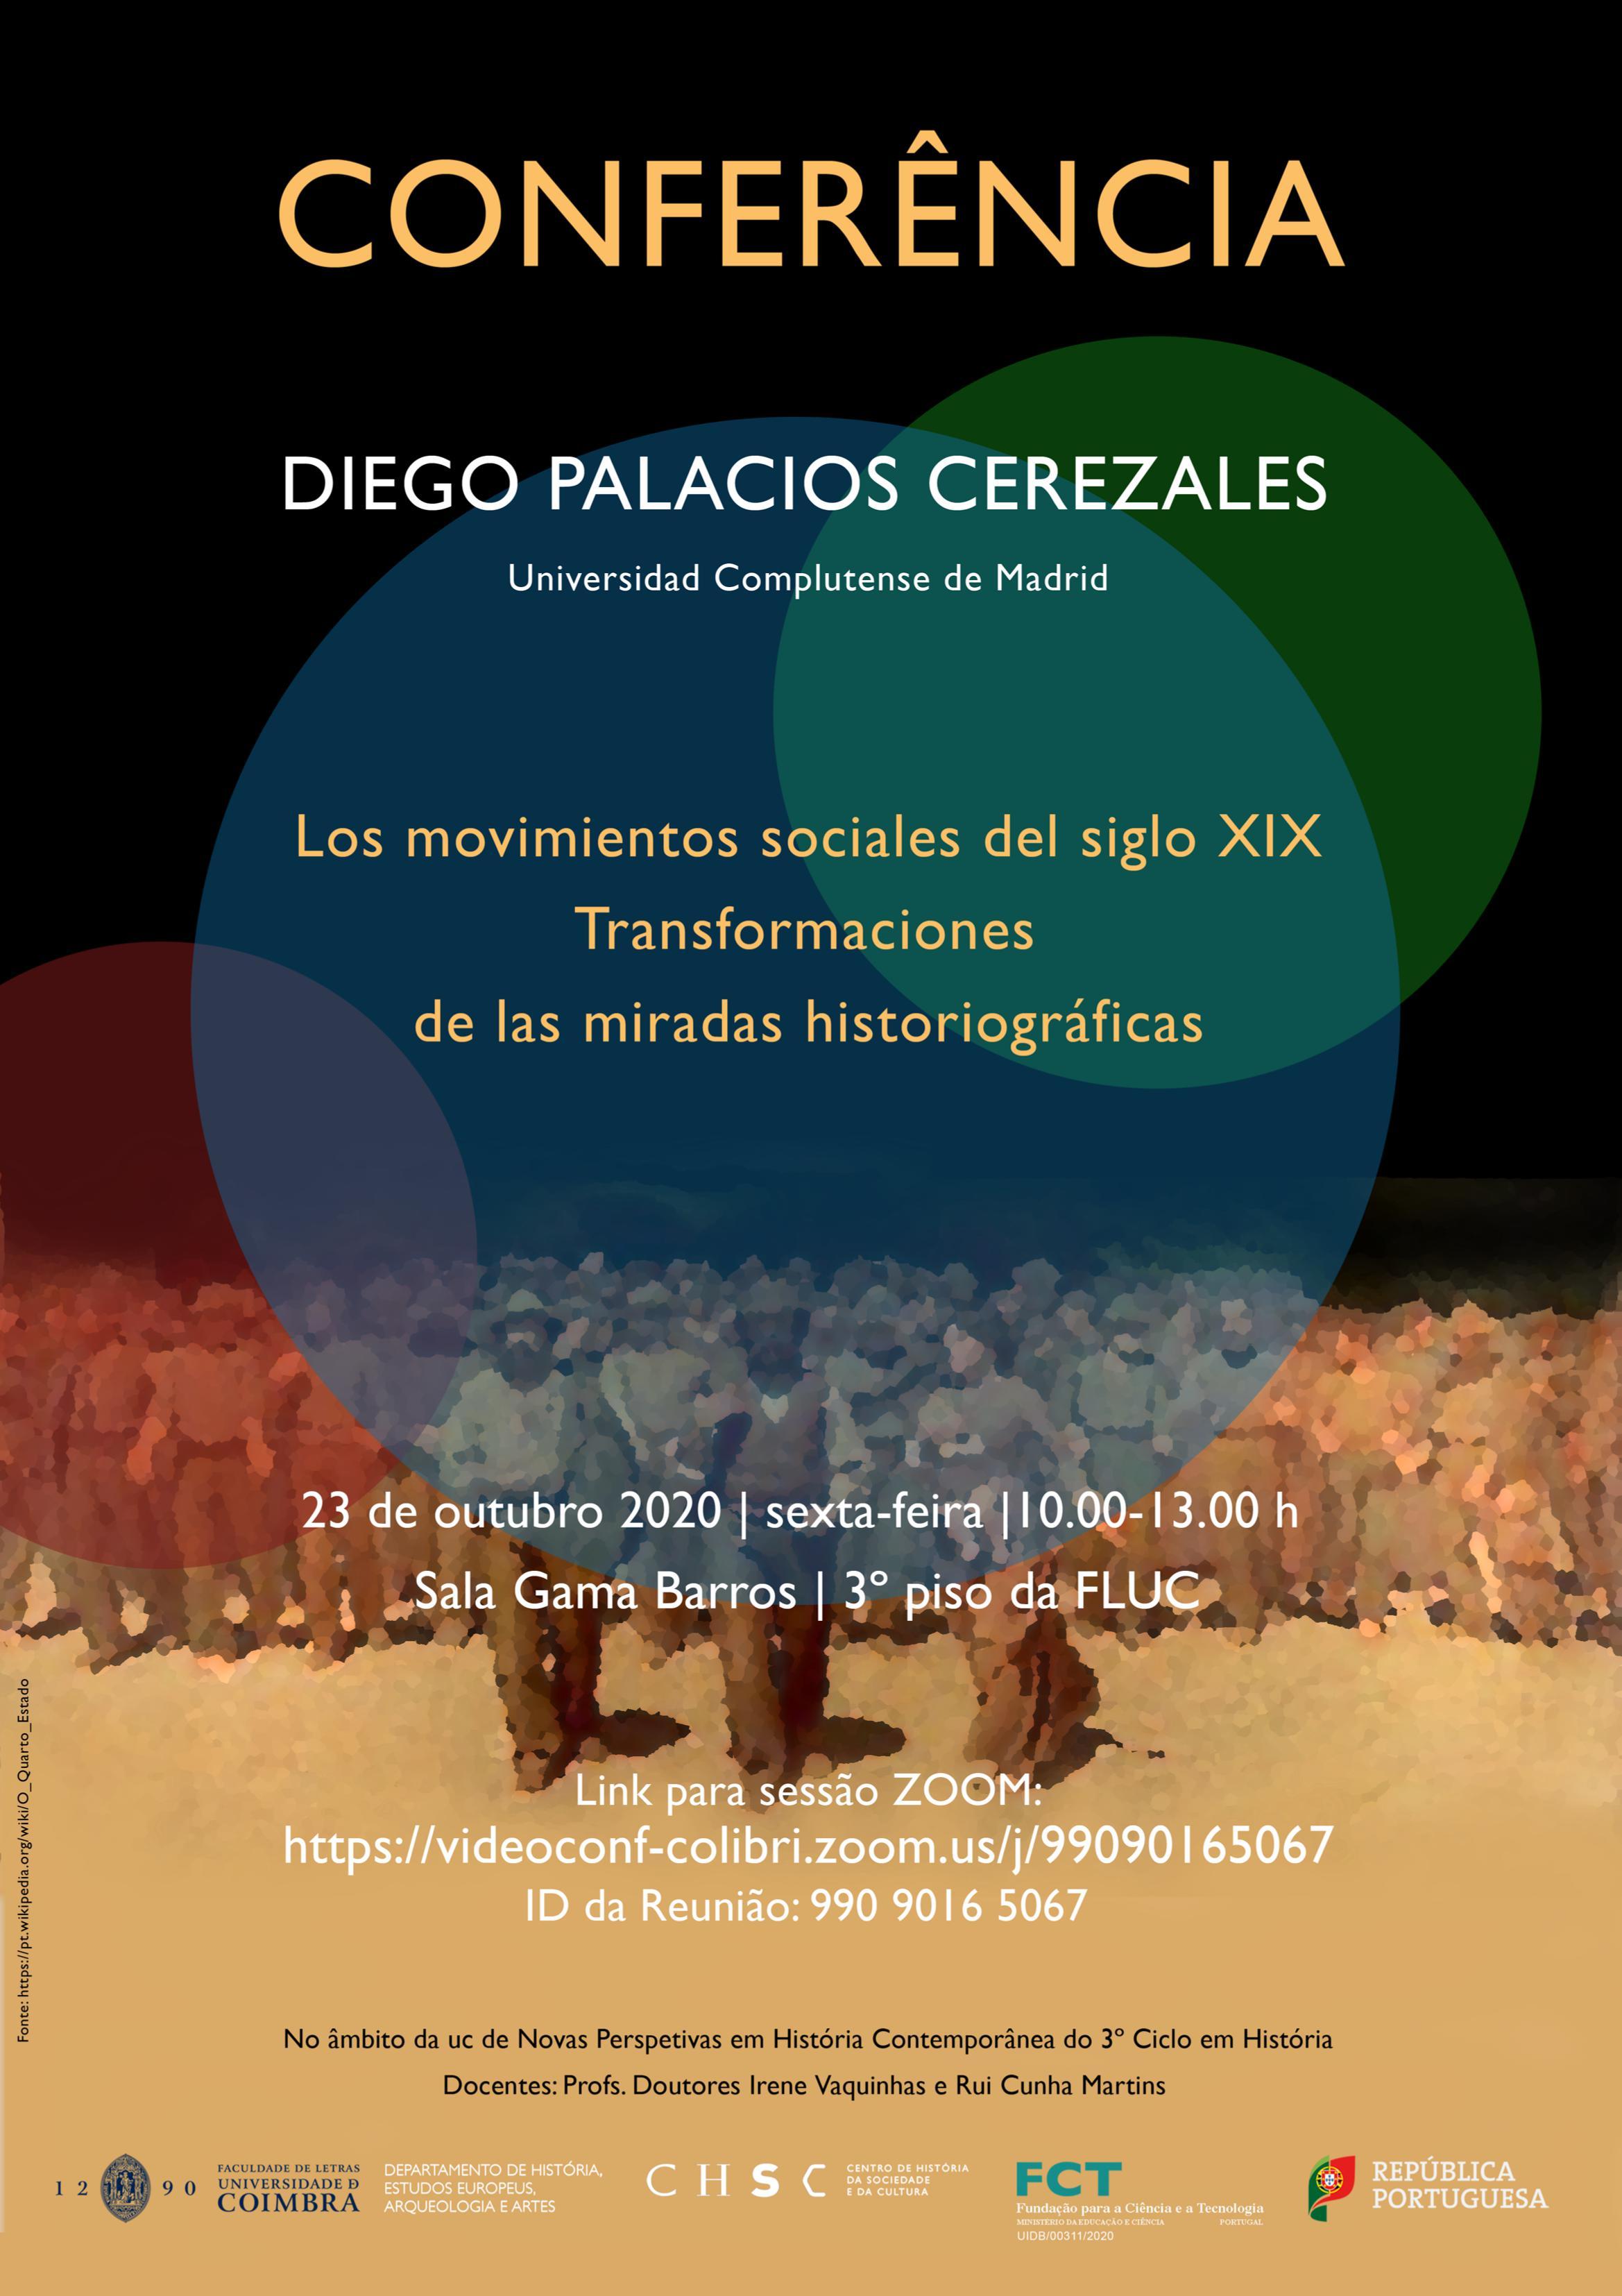 CONFERÊNCIA – LOS MOVIMIENTOS SOCIALES DEL SIGLO XIX. TRANSFORMACIONES DE LAS MIRADAS HISTORIOGRÁFICAS